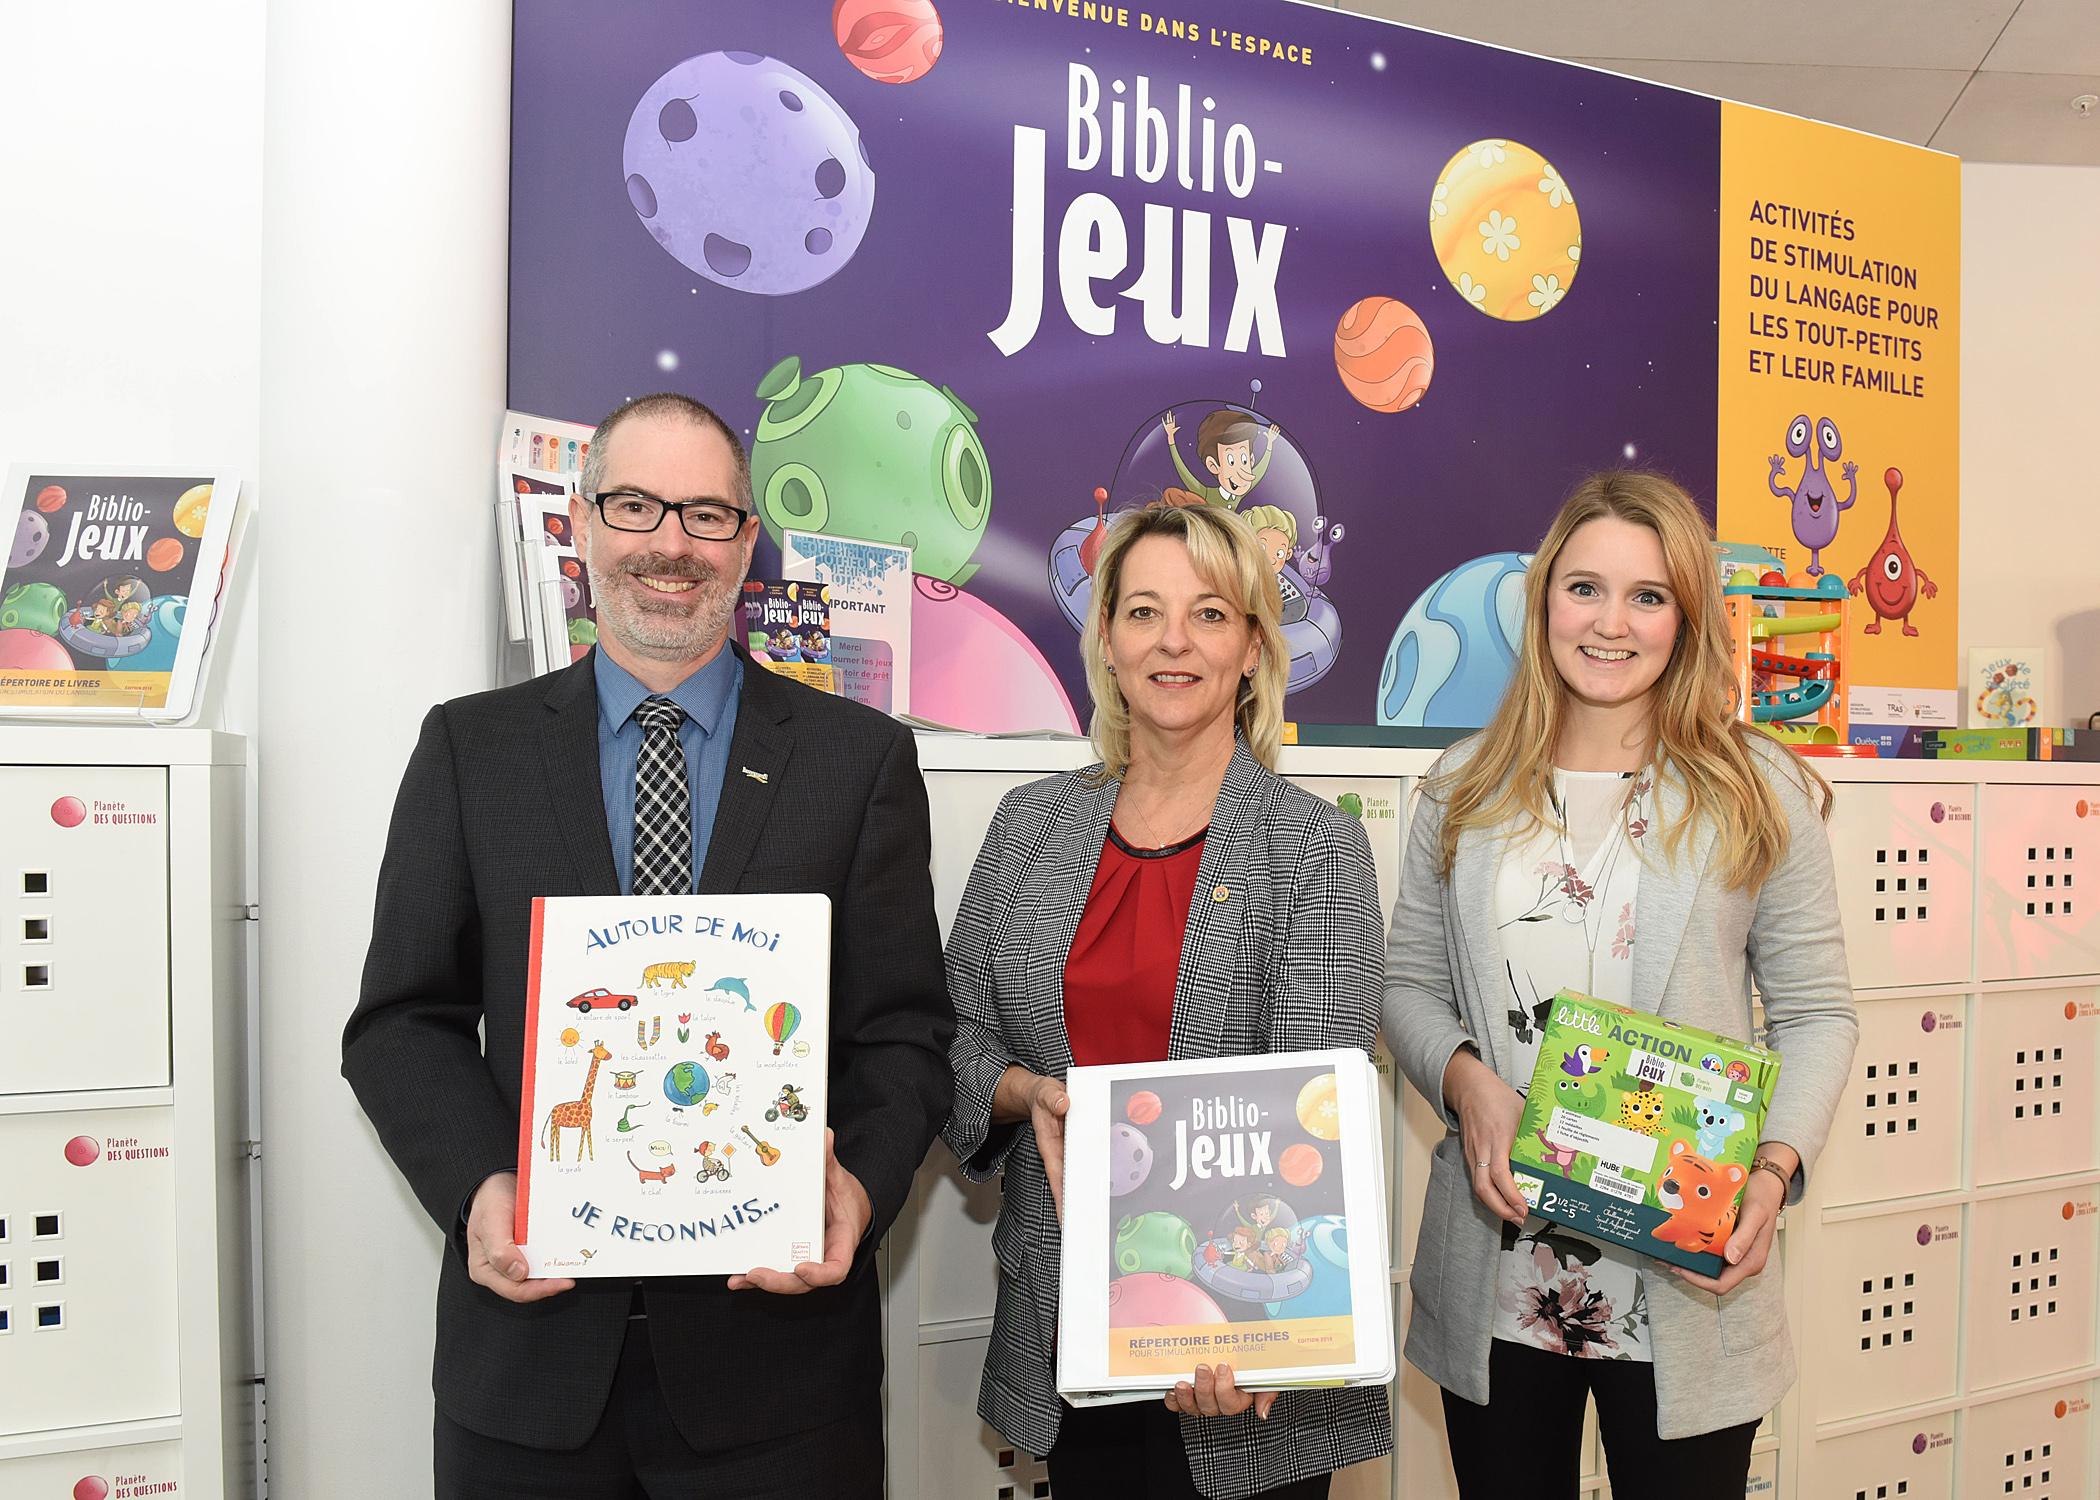 Lancement de Biblio-Jeux à Longueuil : un programme novateur pour stimuler le langage chez les tout-petits !